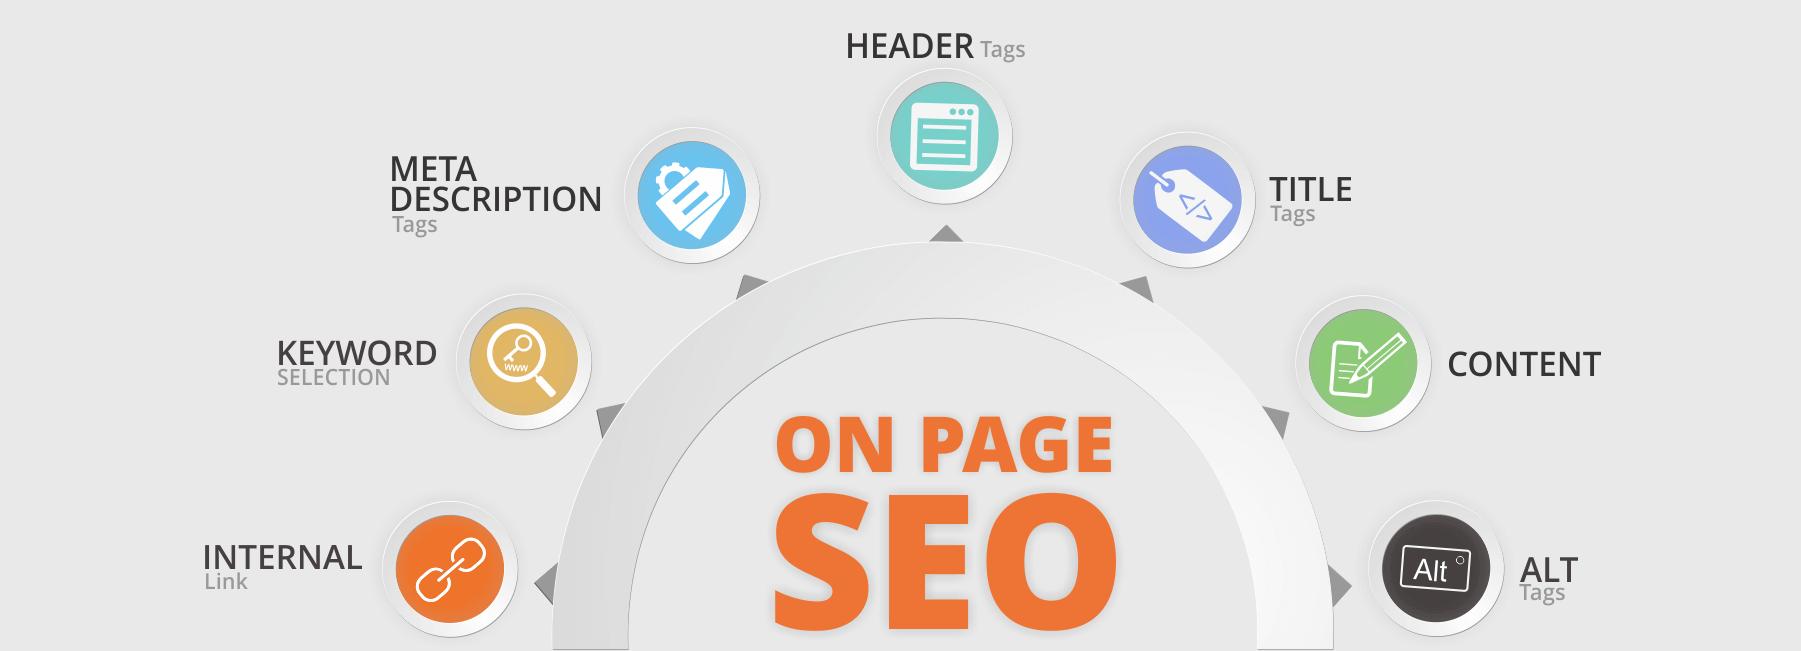 Nội dung trên trang được tối ưu sẽ giúp website thân thiện hơn với công cụ tìm kiếm